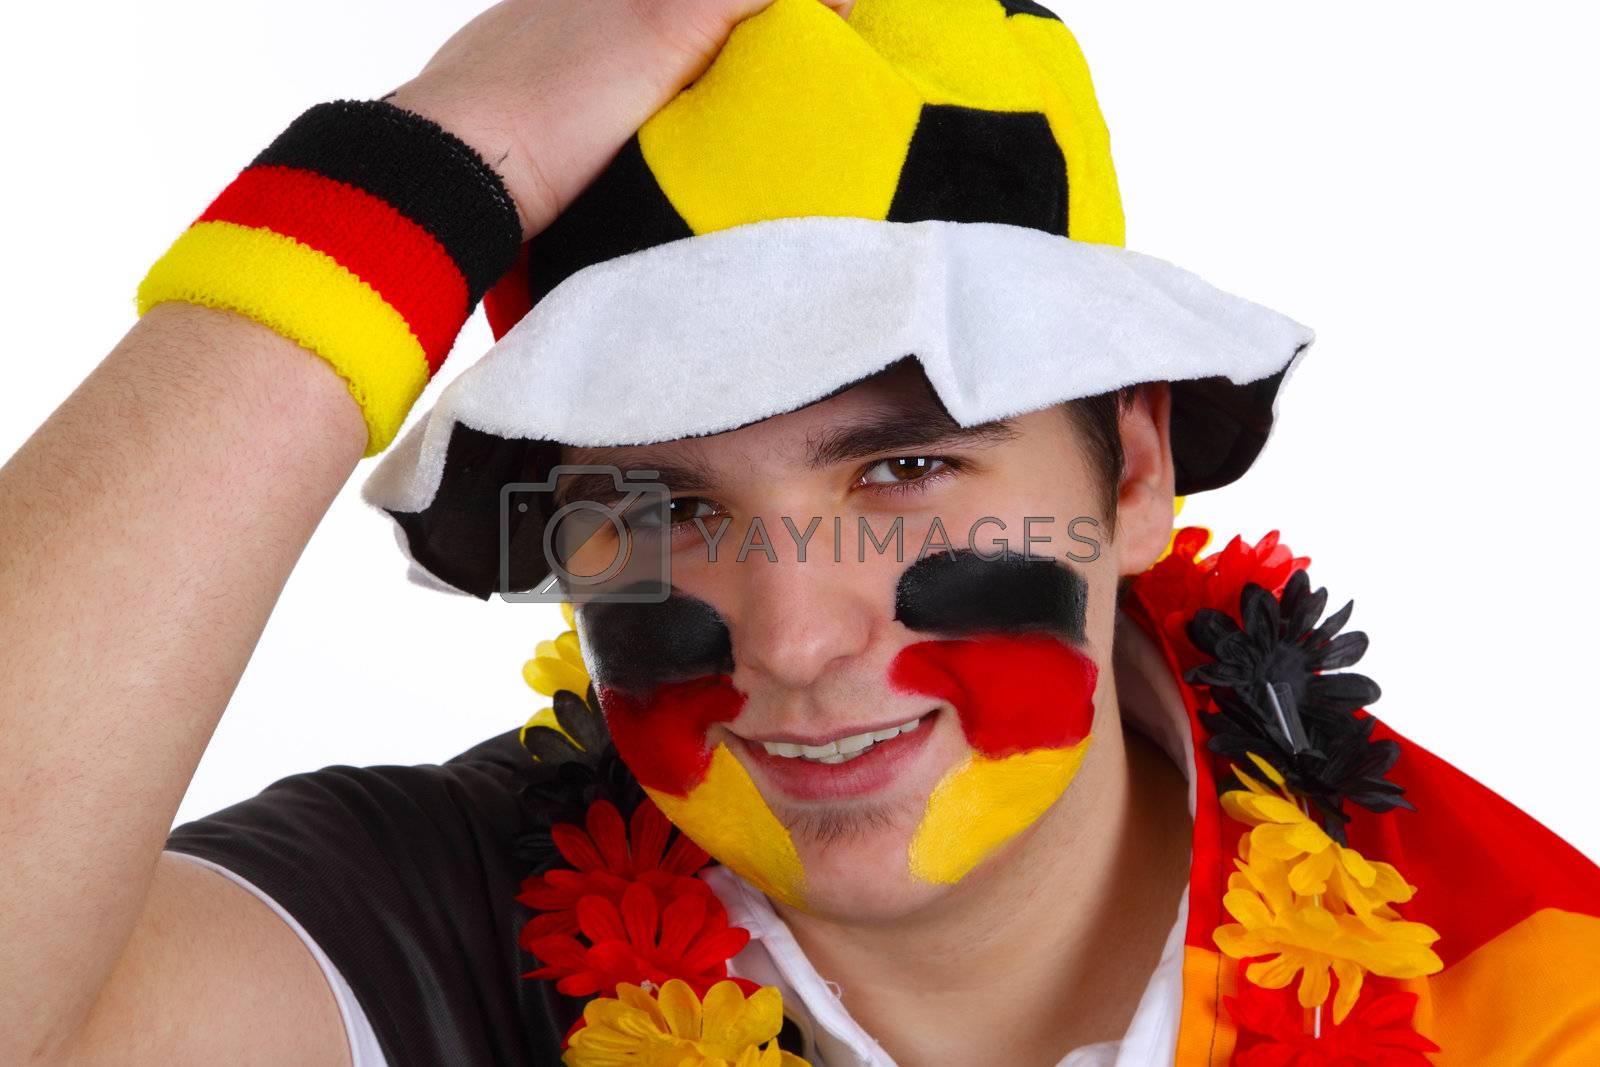 German soccer fan on white background. Shot in studio.